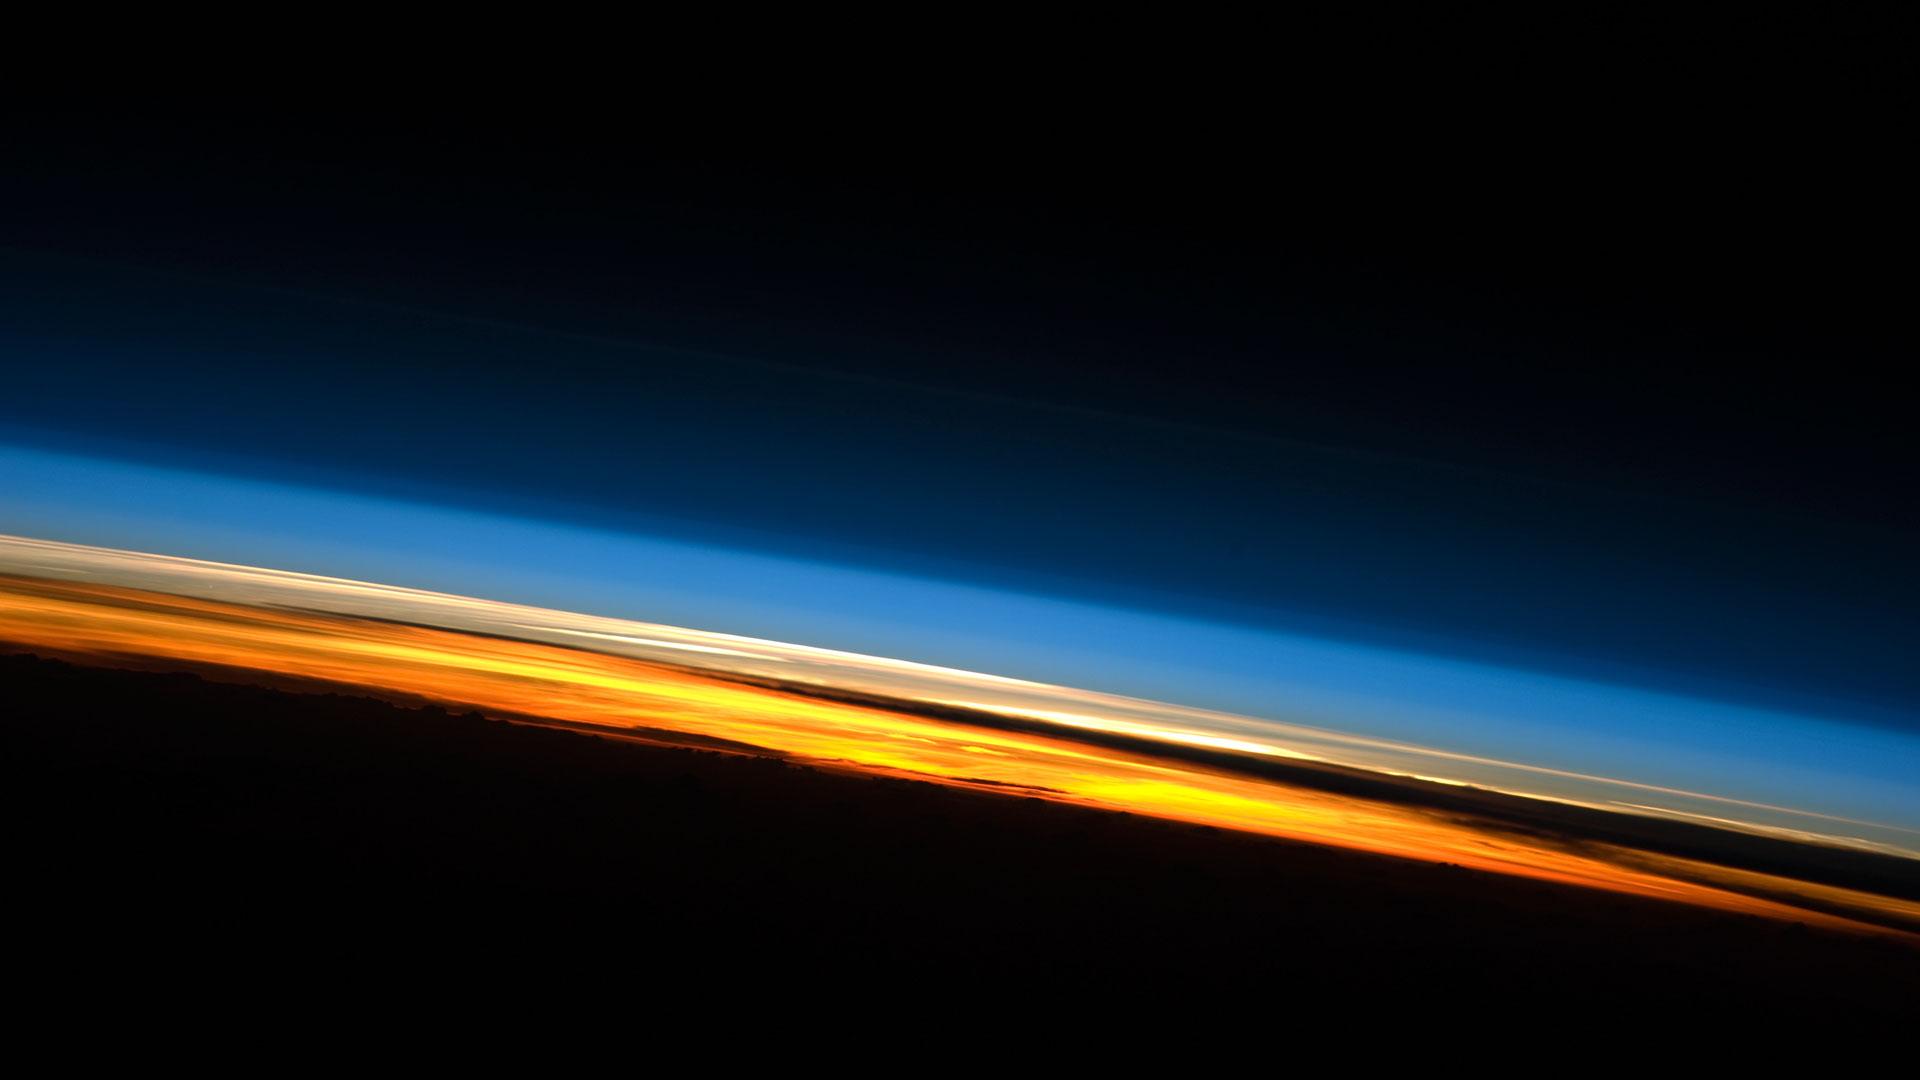 16-de-septiembre-dia-internacional-de-la-preservacion-de-la-capa-de-ozono-1920